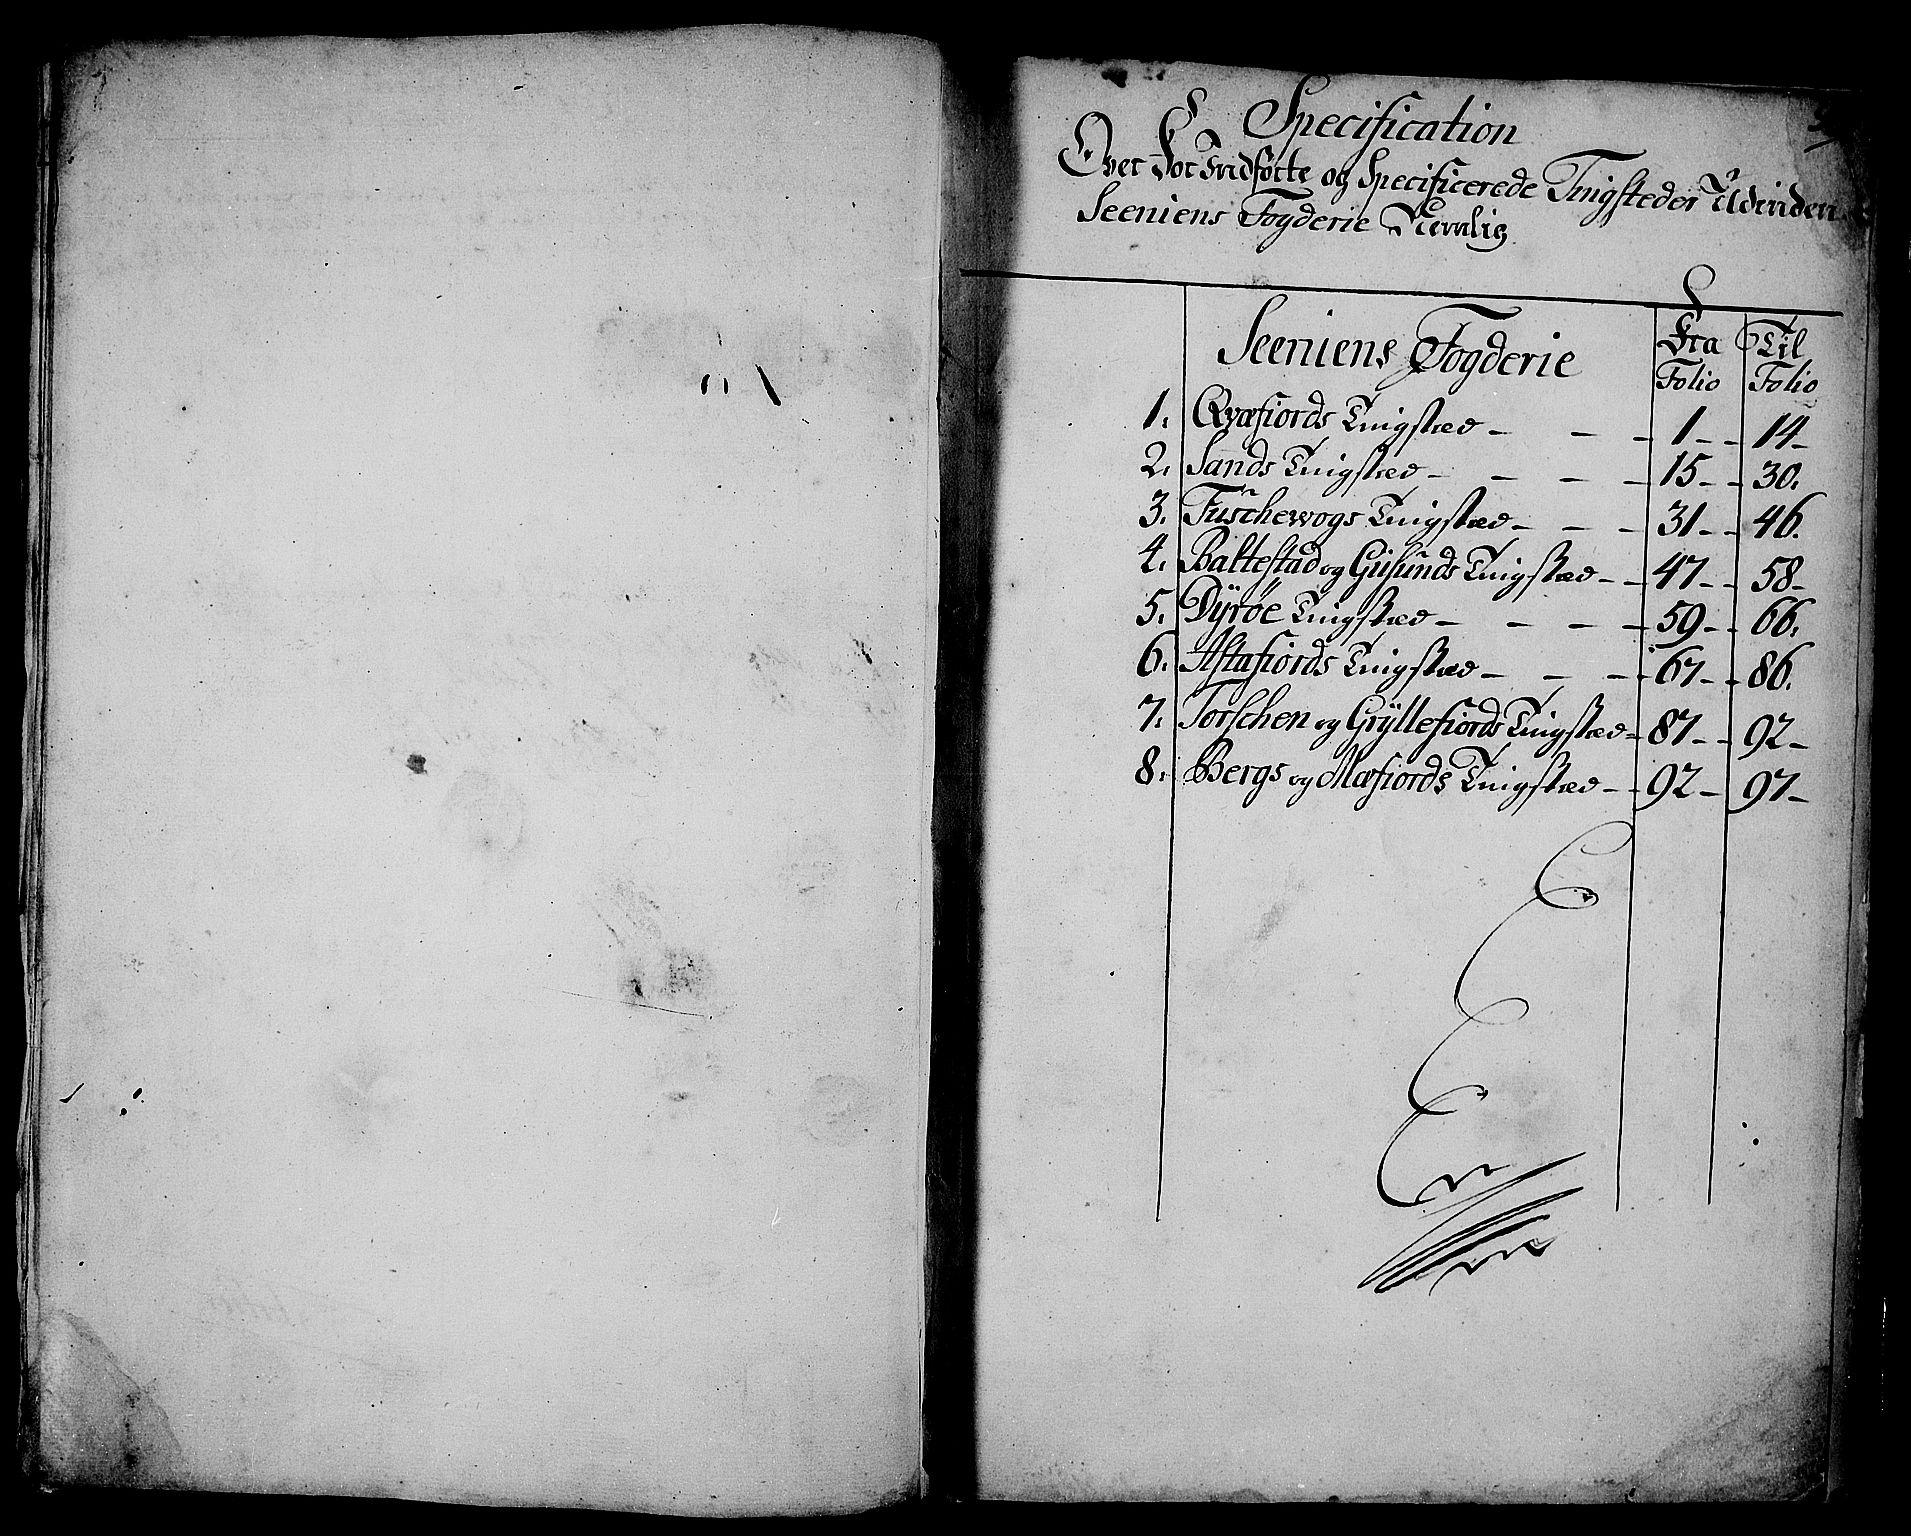 RA, Rentekammeret inntil 1814, Realistisk ordnet avdeling, N/Nb/Nbf/L0178: Senja eksaminasjonsprotokoll, 1723, s. 97b-98a